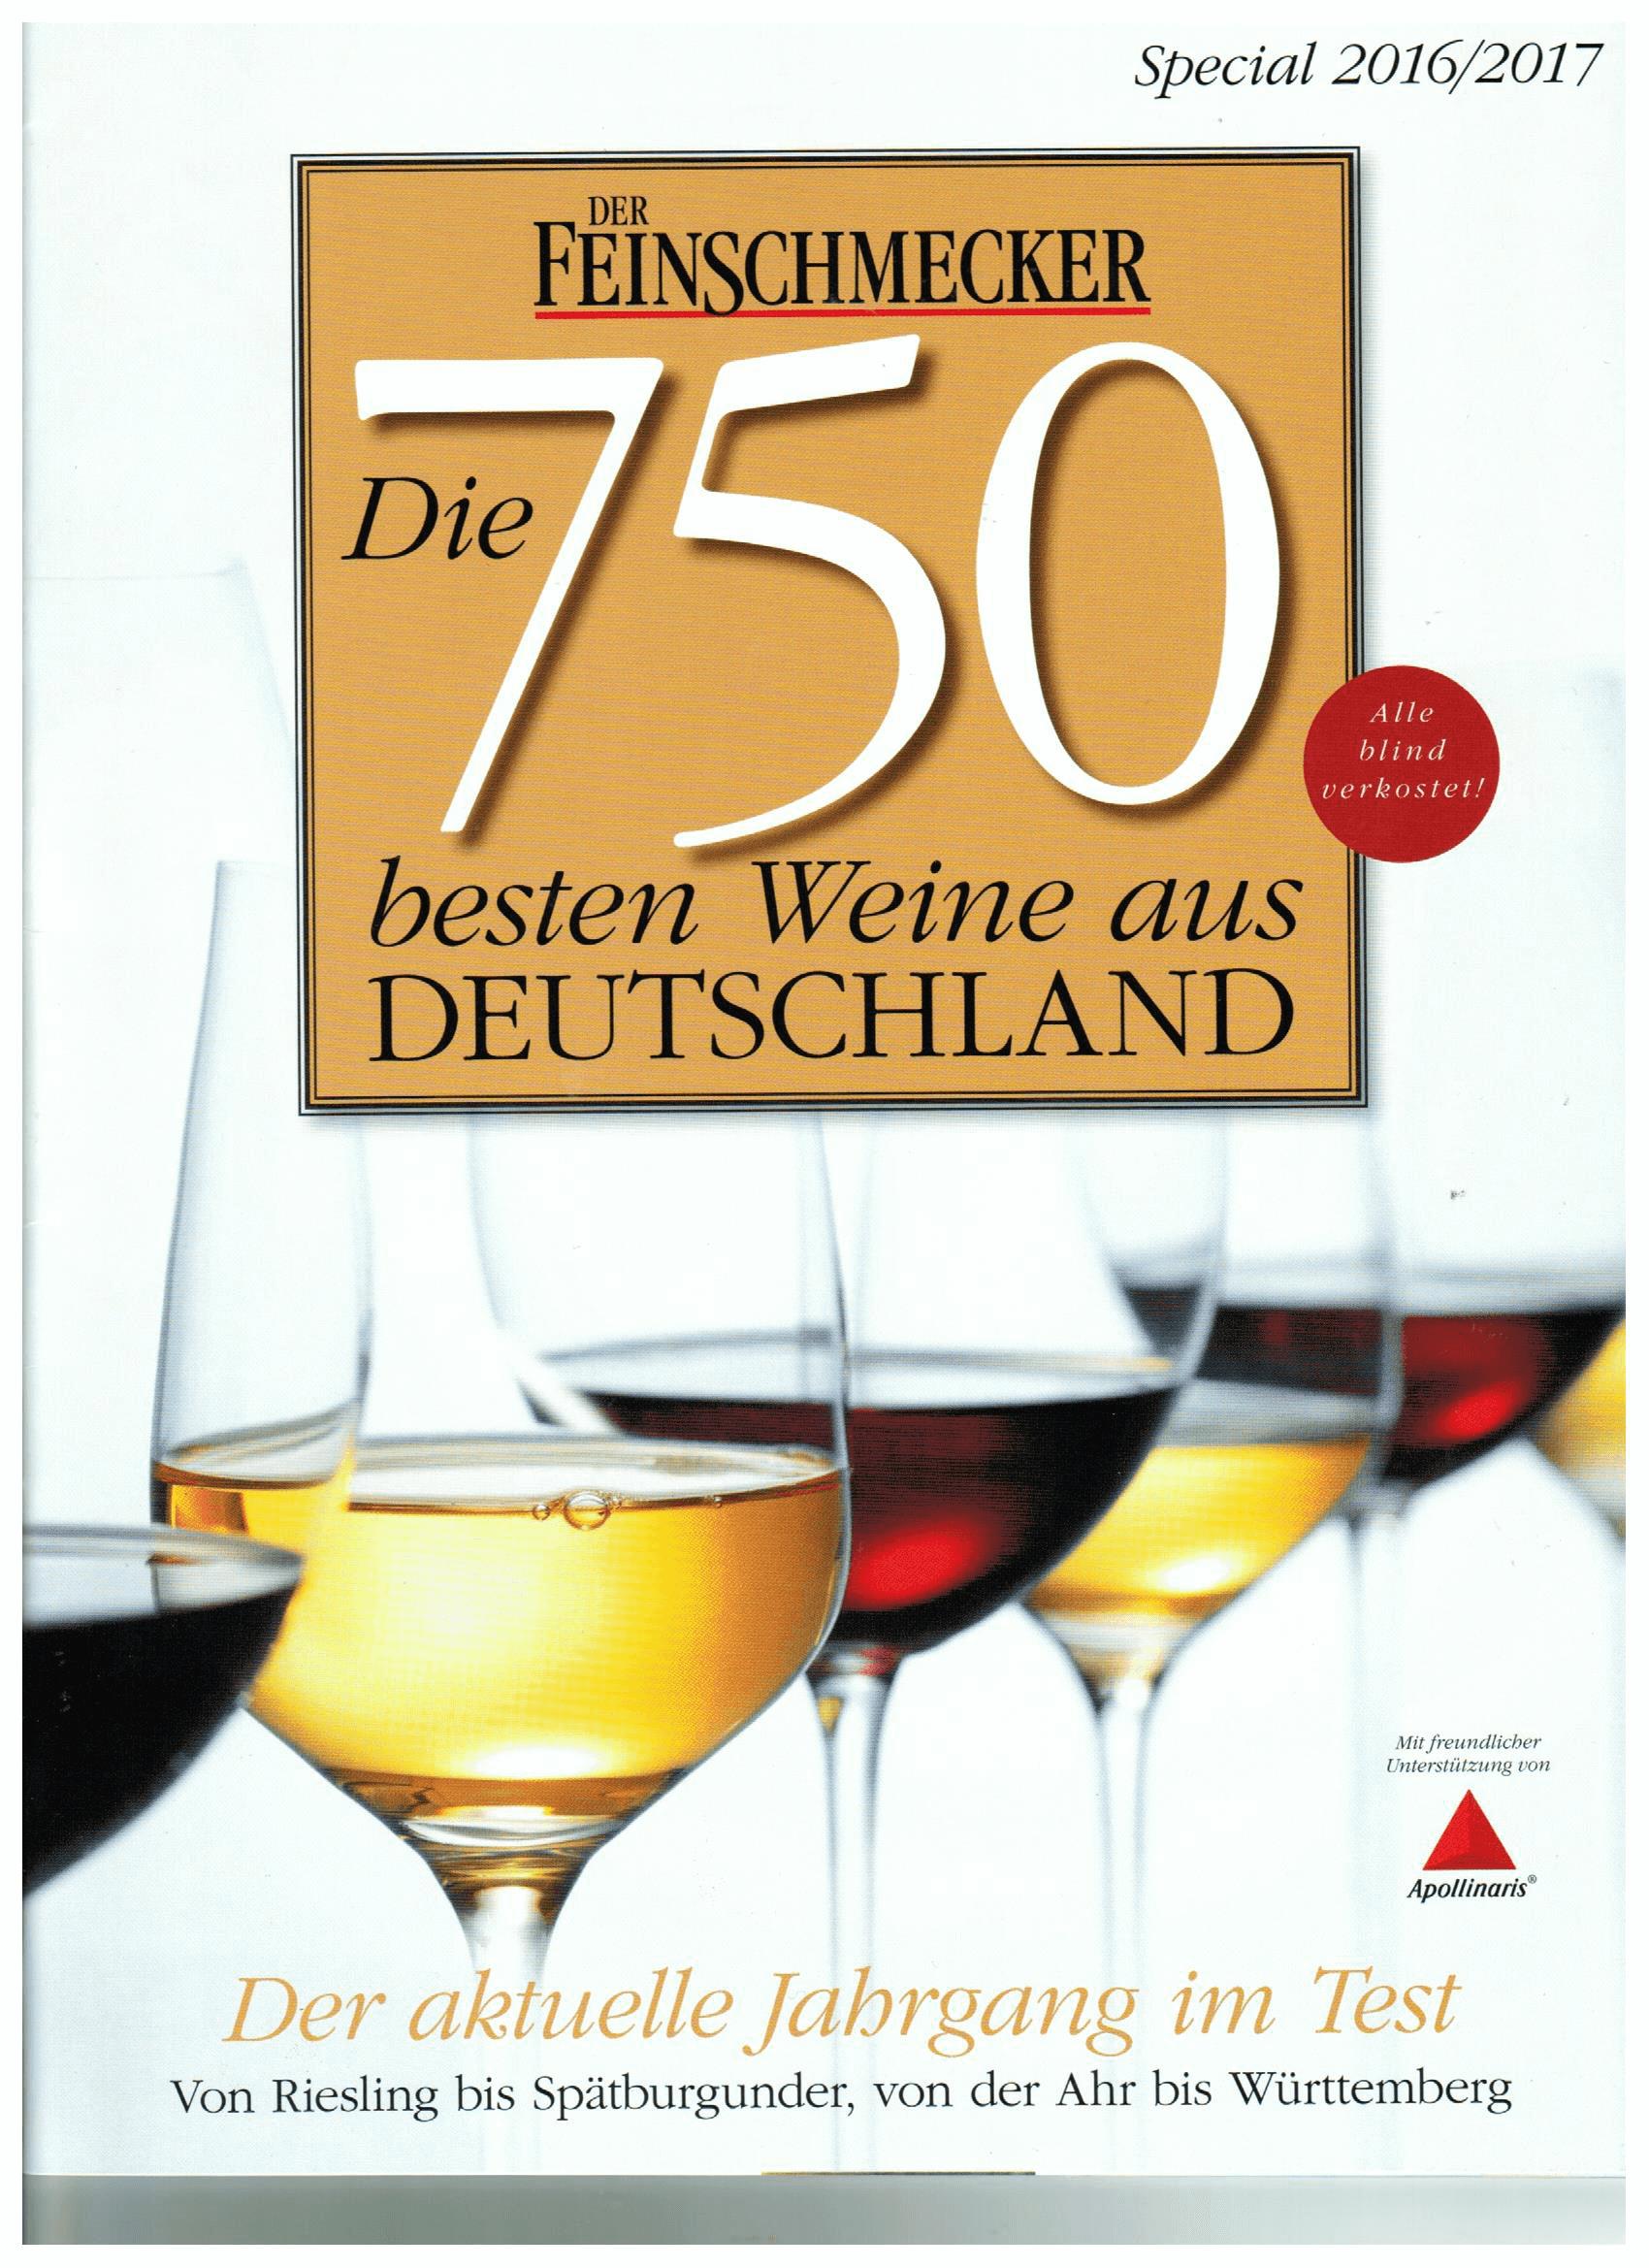 Feinschmecker 750 Besten